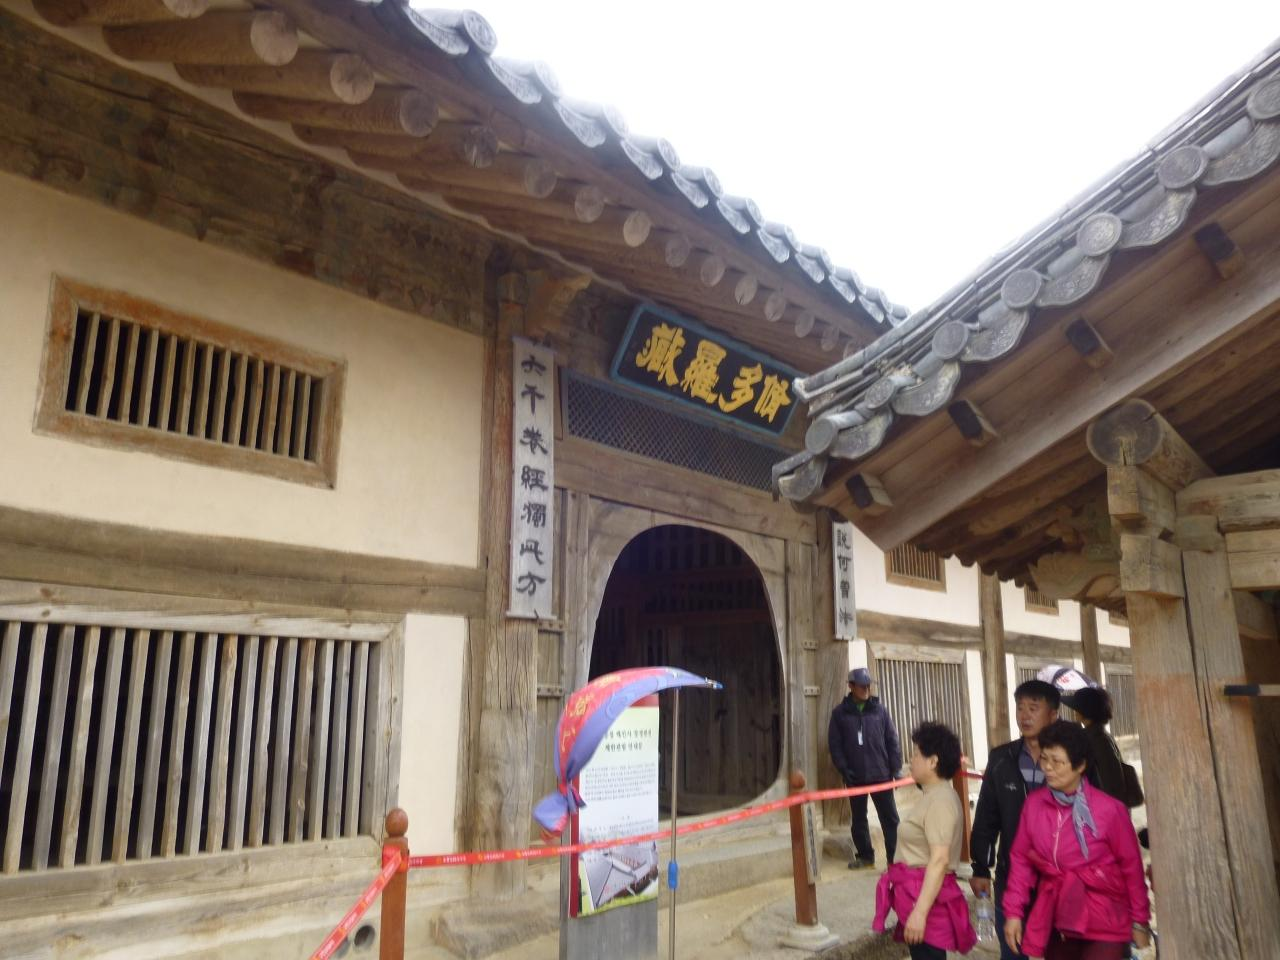 海印寺大蔵経板殿の画像 p1_36